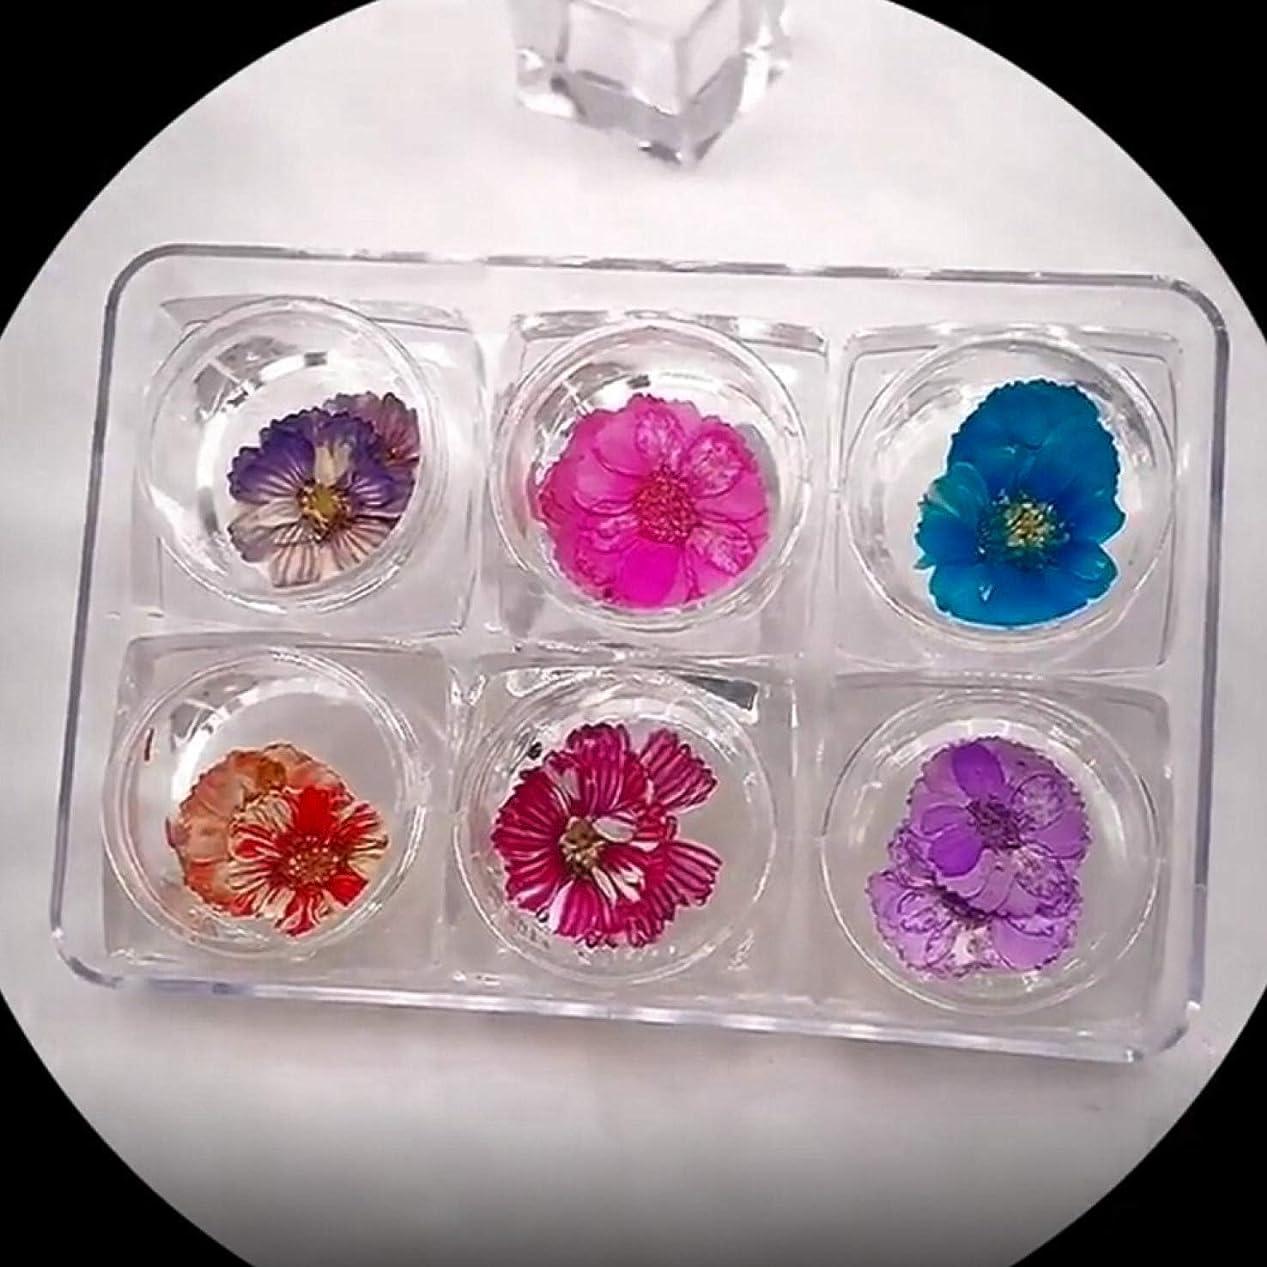 苗構想する苦OU-Kunmlef 人気の新しい6色ネイルアートアップリケジュエリーセット日本の乾燥花の花びら永遠の花の結晶装飾(None Picture Color)